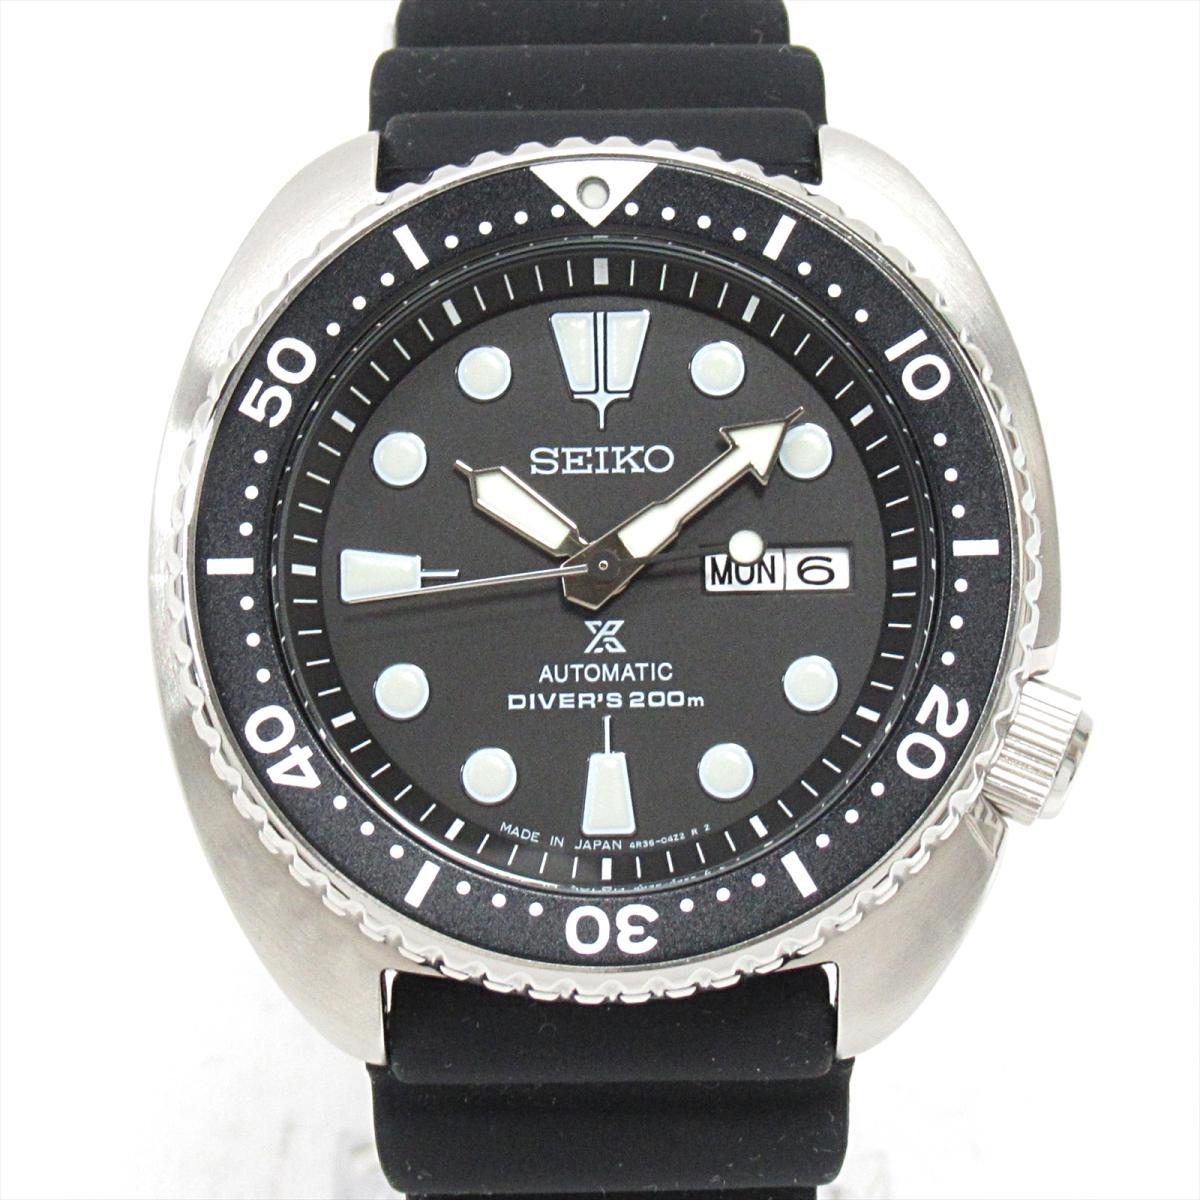 セイコー プロスペックス 腕時計 ウォッチ 時計 メンズ ステンレススチール (SS) xラバーベルト (SRP777)   SEIKO BRANDOFF ブランドオフ ブランド ブランド時計 ブランド腕時計